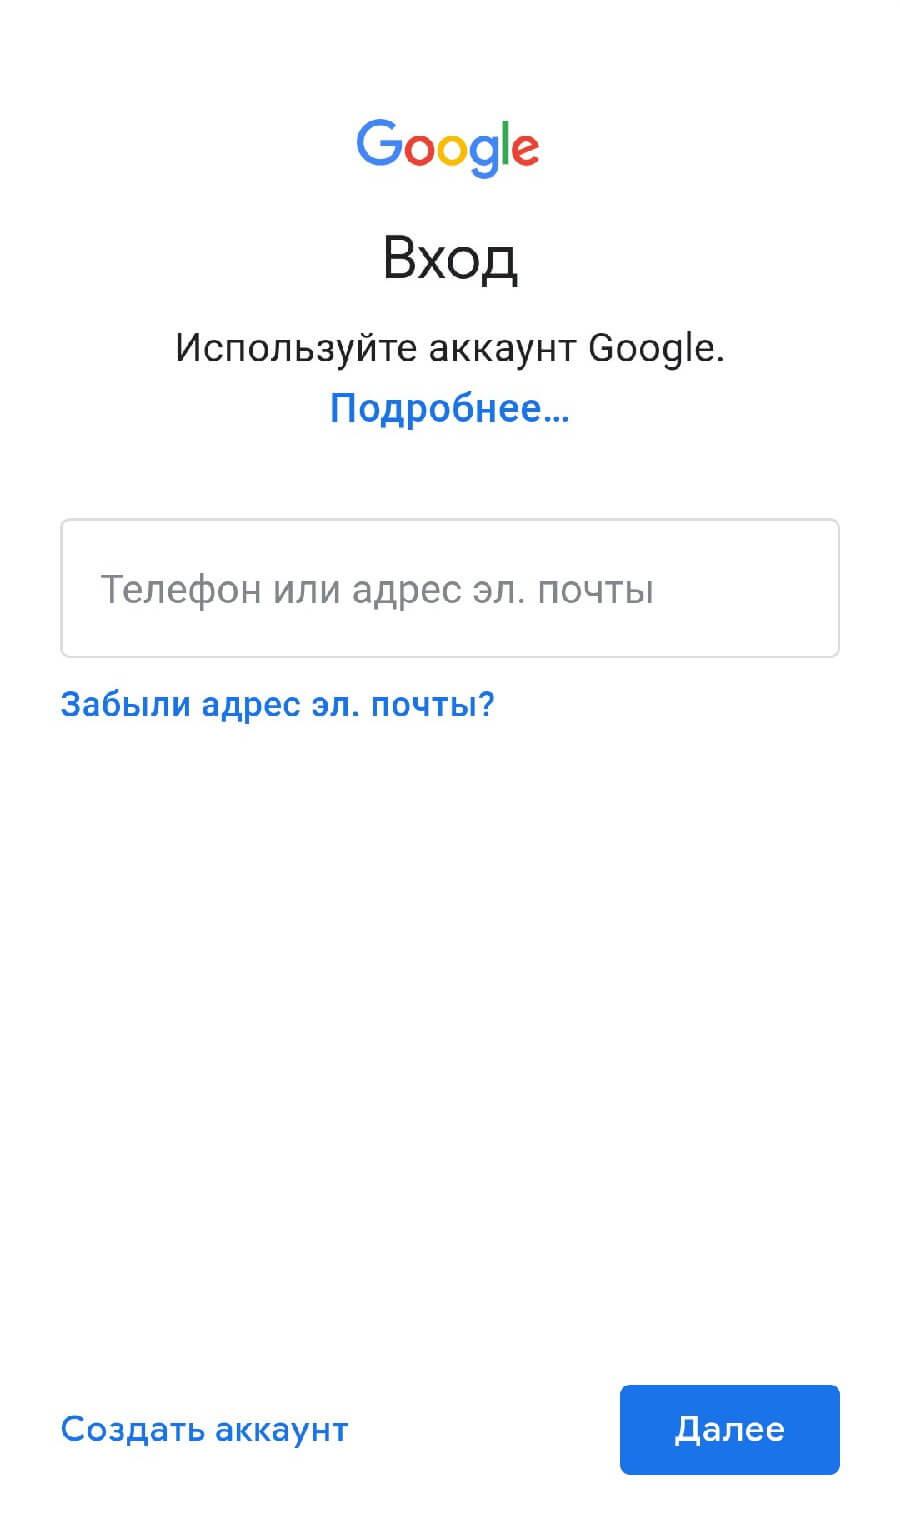 vhod-v-google.jpg